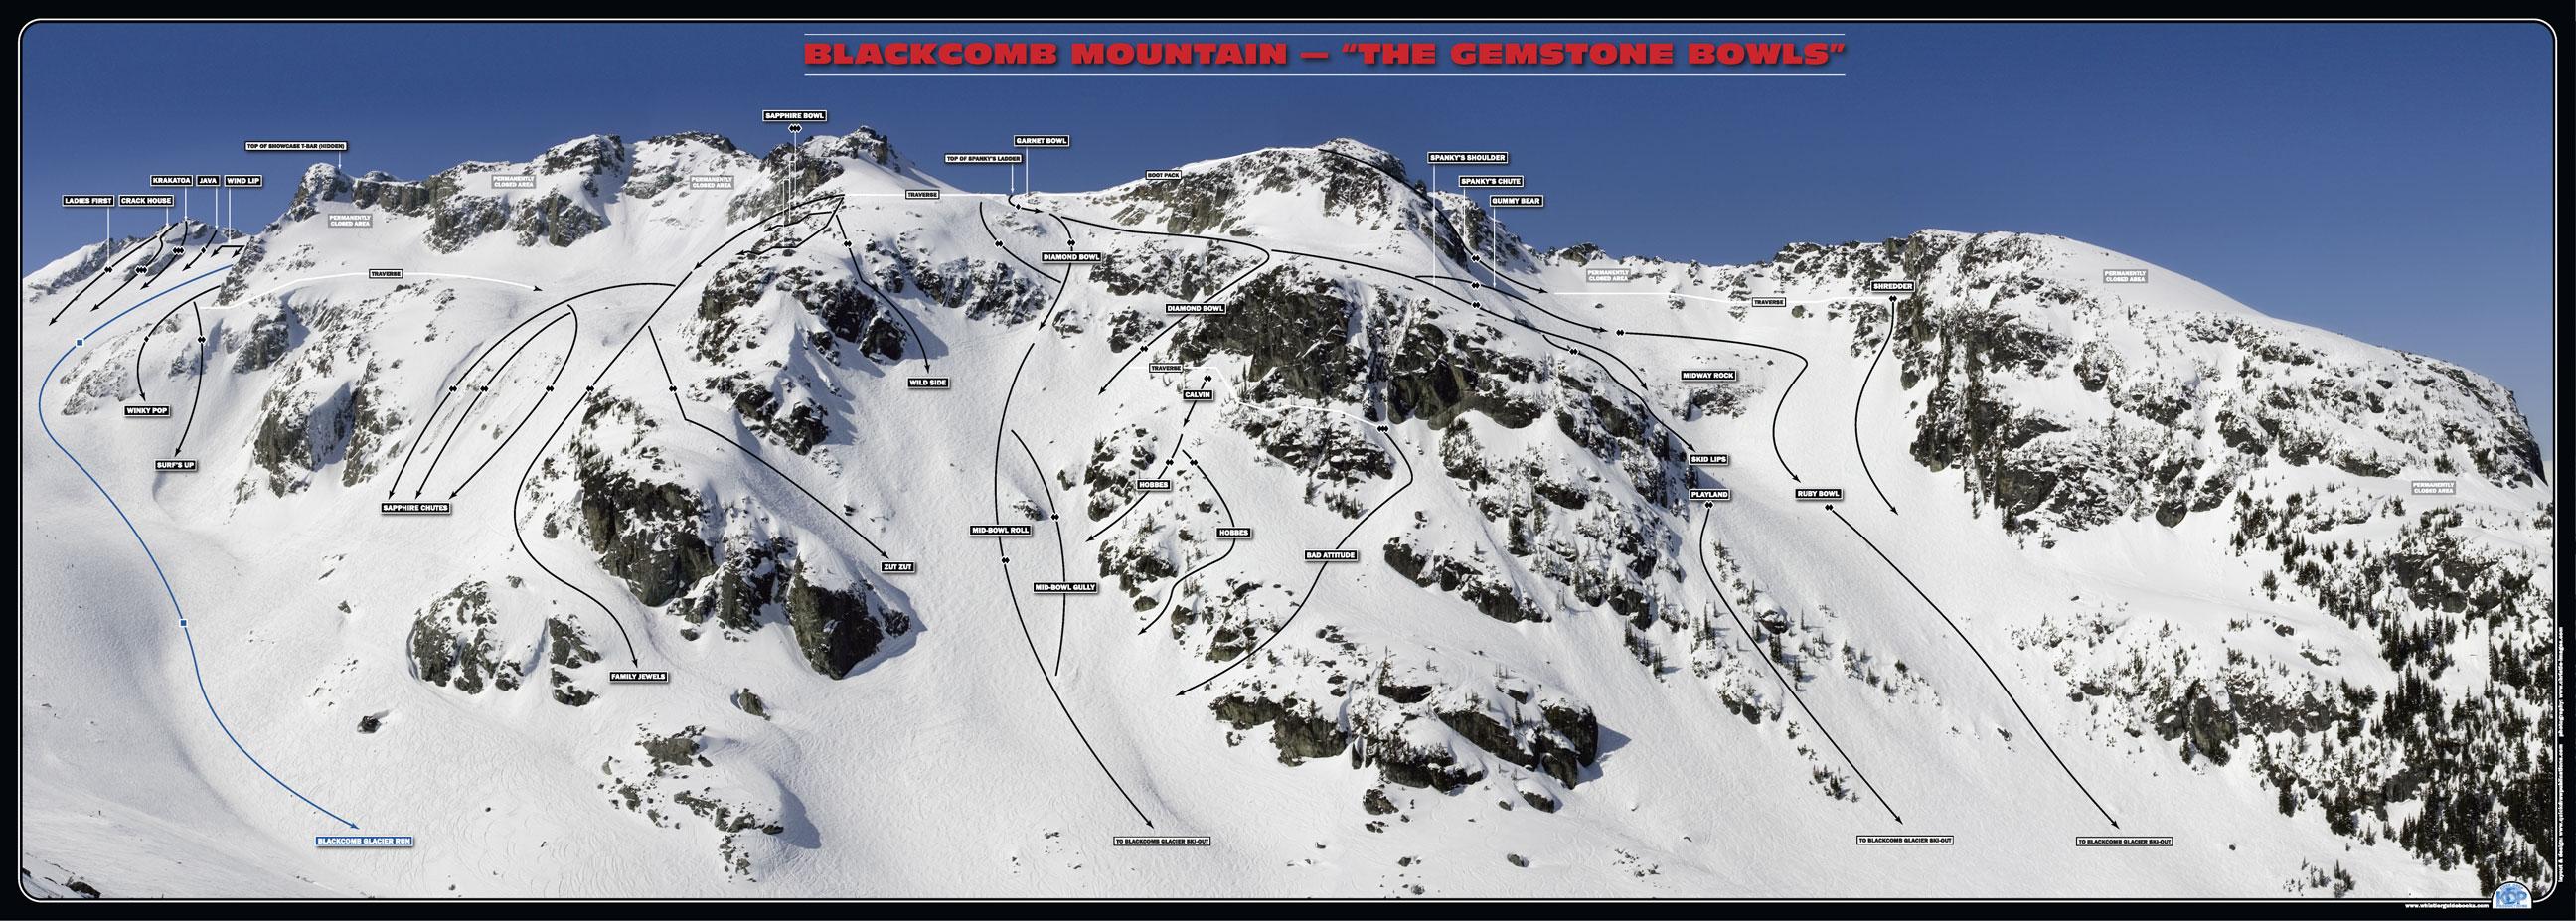 blackcomb glacier - mit favorit område i Whistler når der er puddersne